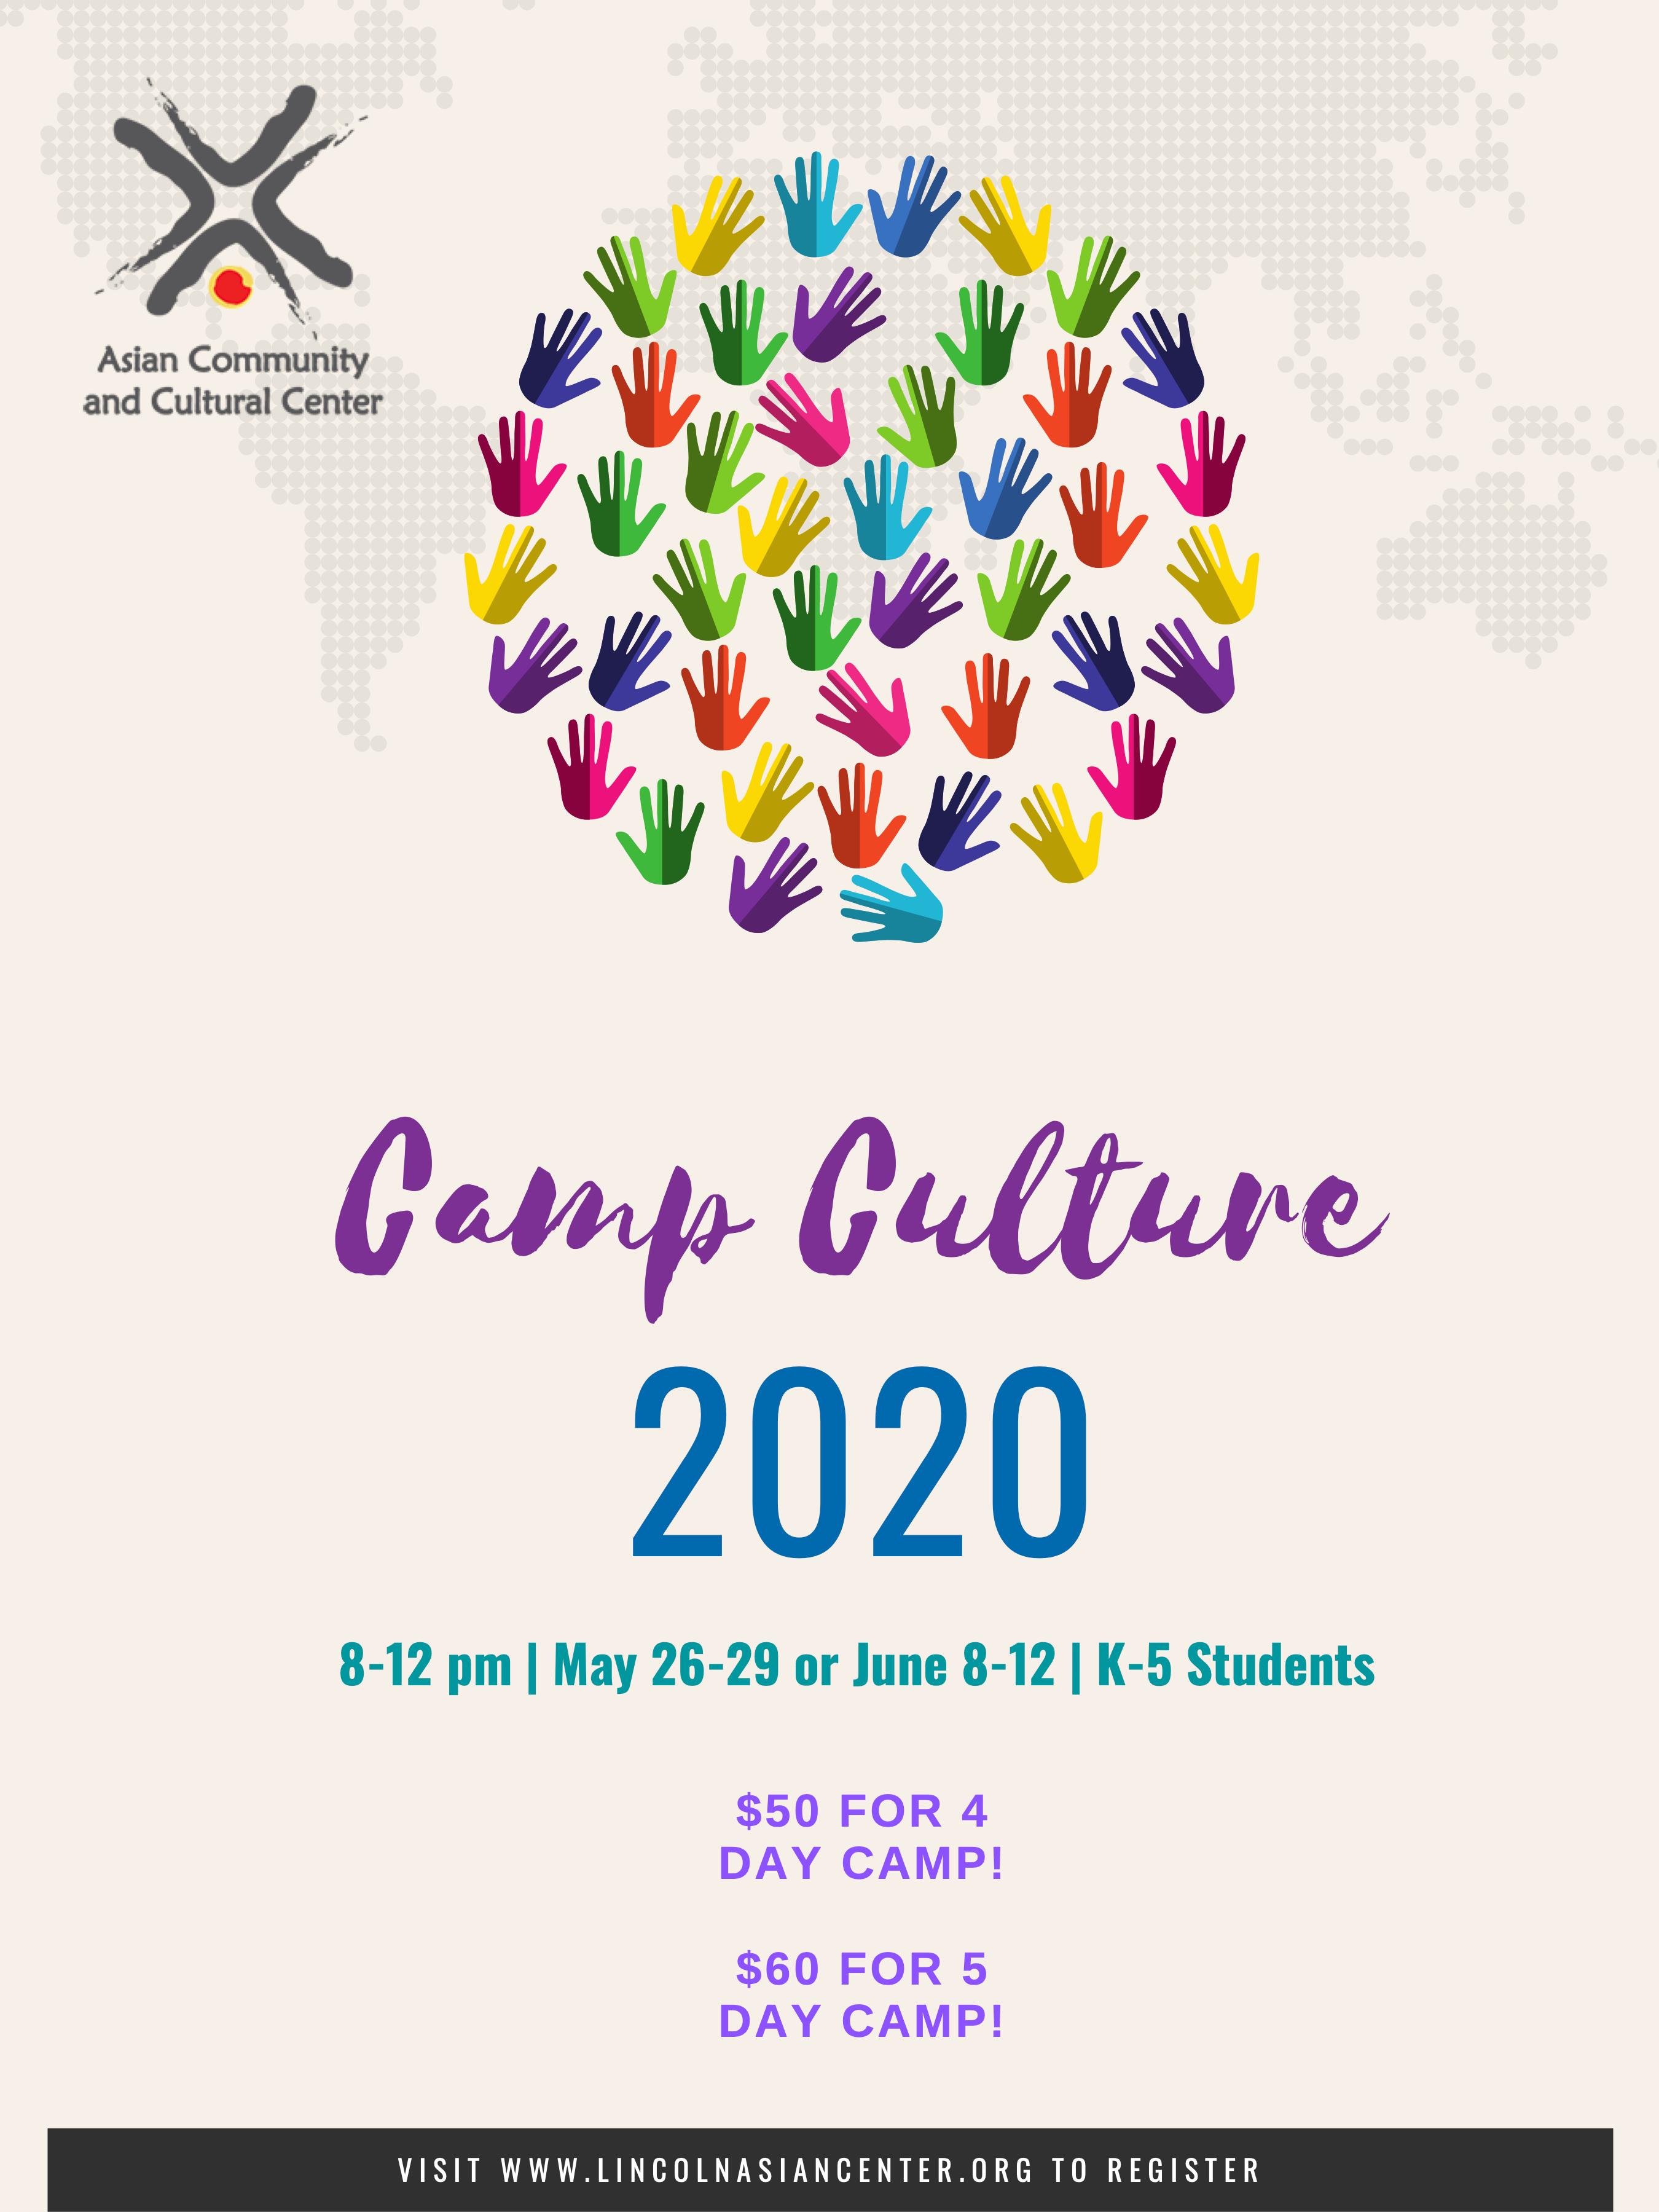 Camp Culture 2020